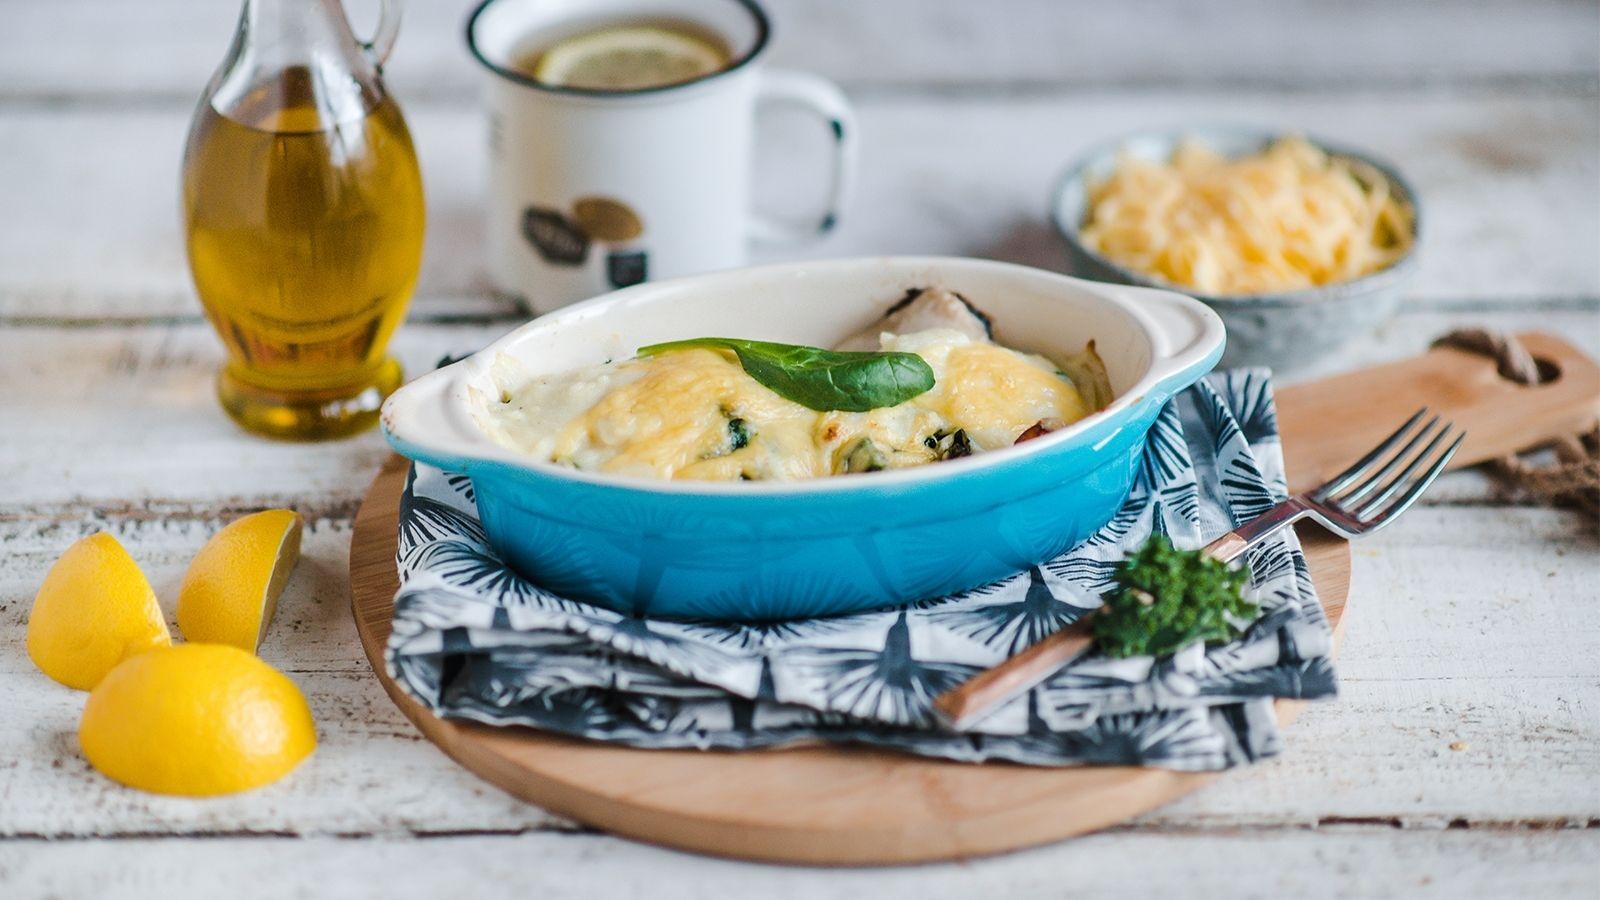 Karp pieczony ze szpinakiem i serem żółtym pod sosem beszamelowym